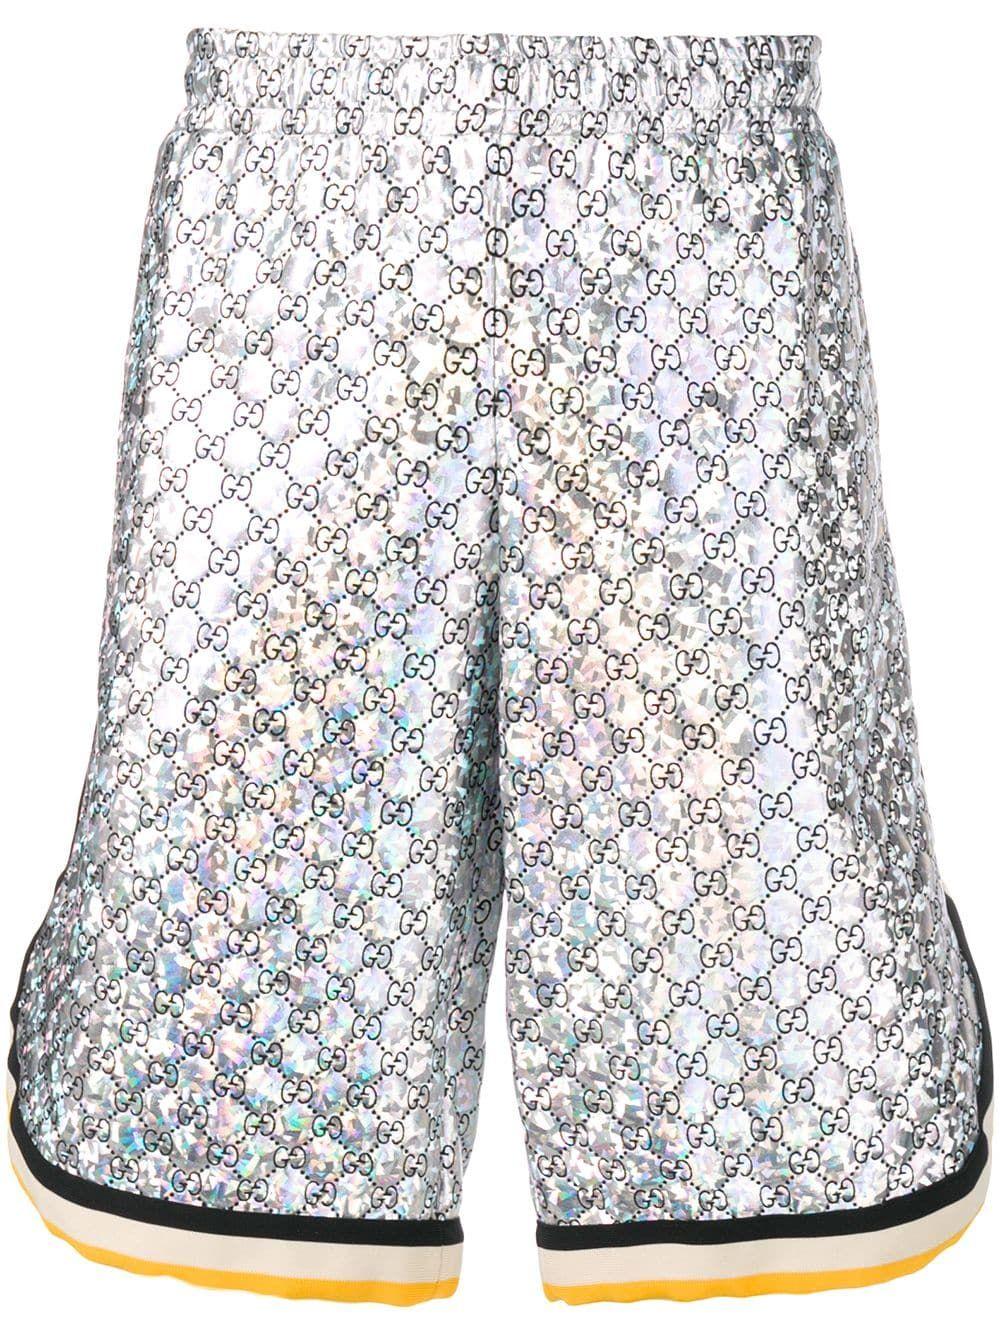 f9d70569 GUCCI GUCCI GG TRACK SHORTS - SILVER. #gucci #cloth | Gucci | Gucci ...